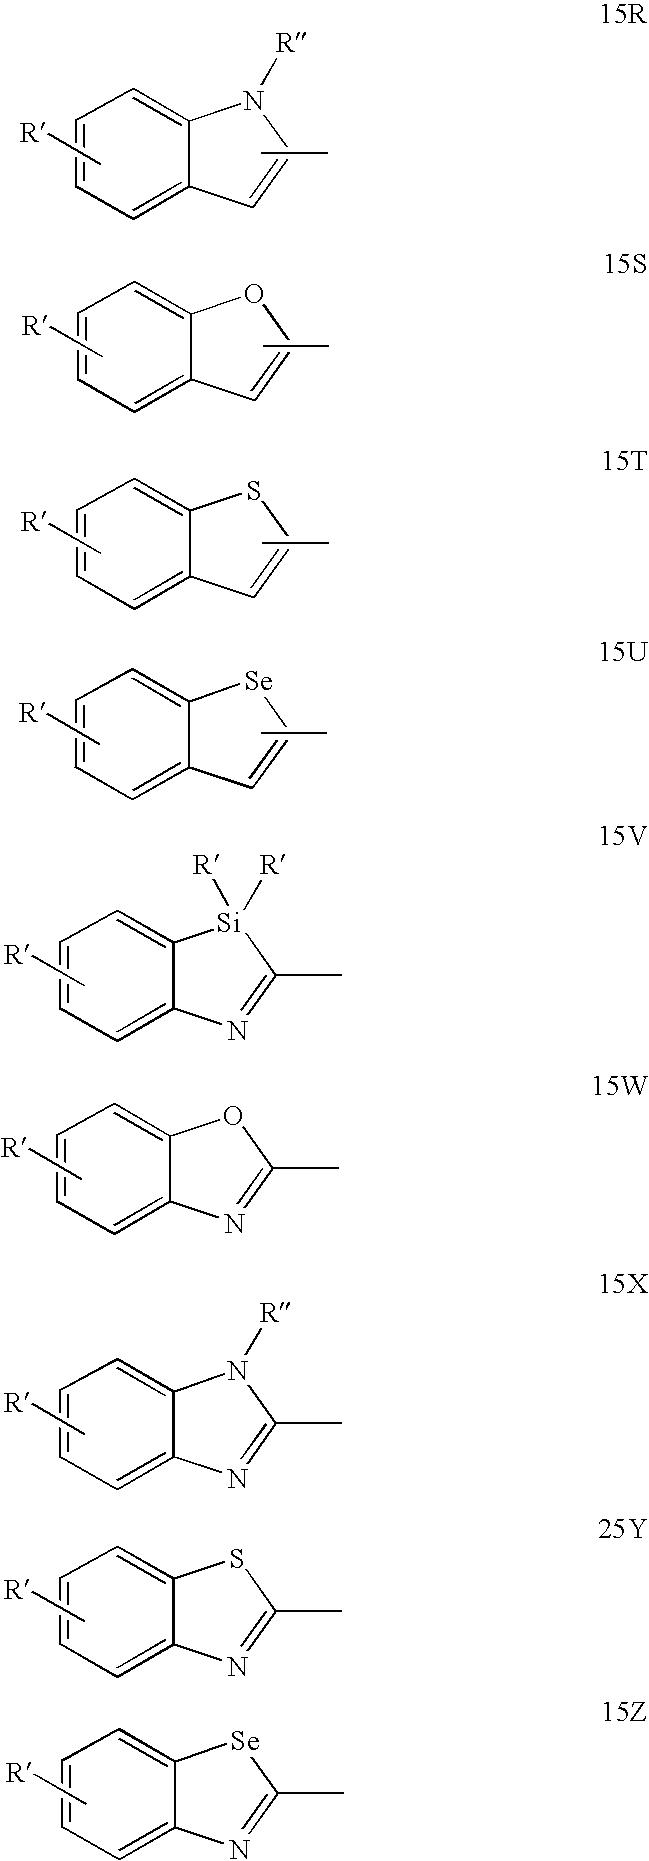 Figure US07875367-20110125-C00090